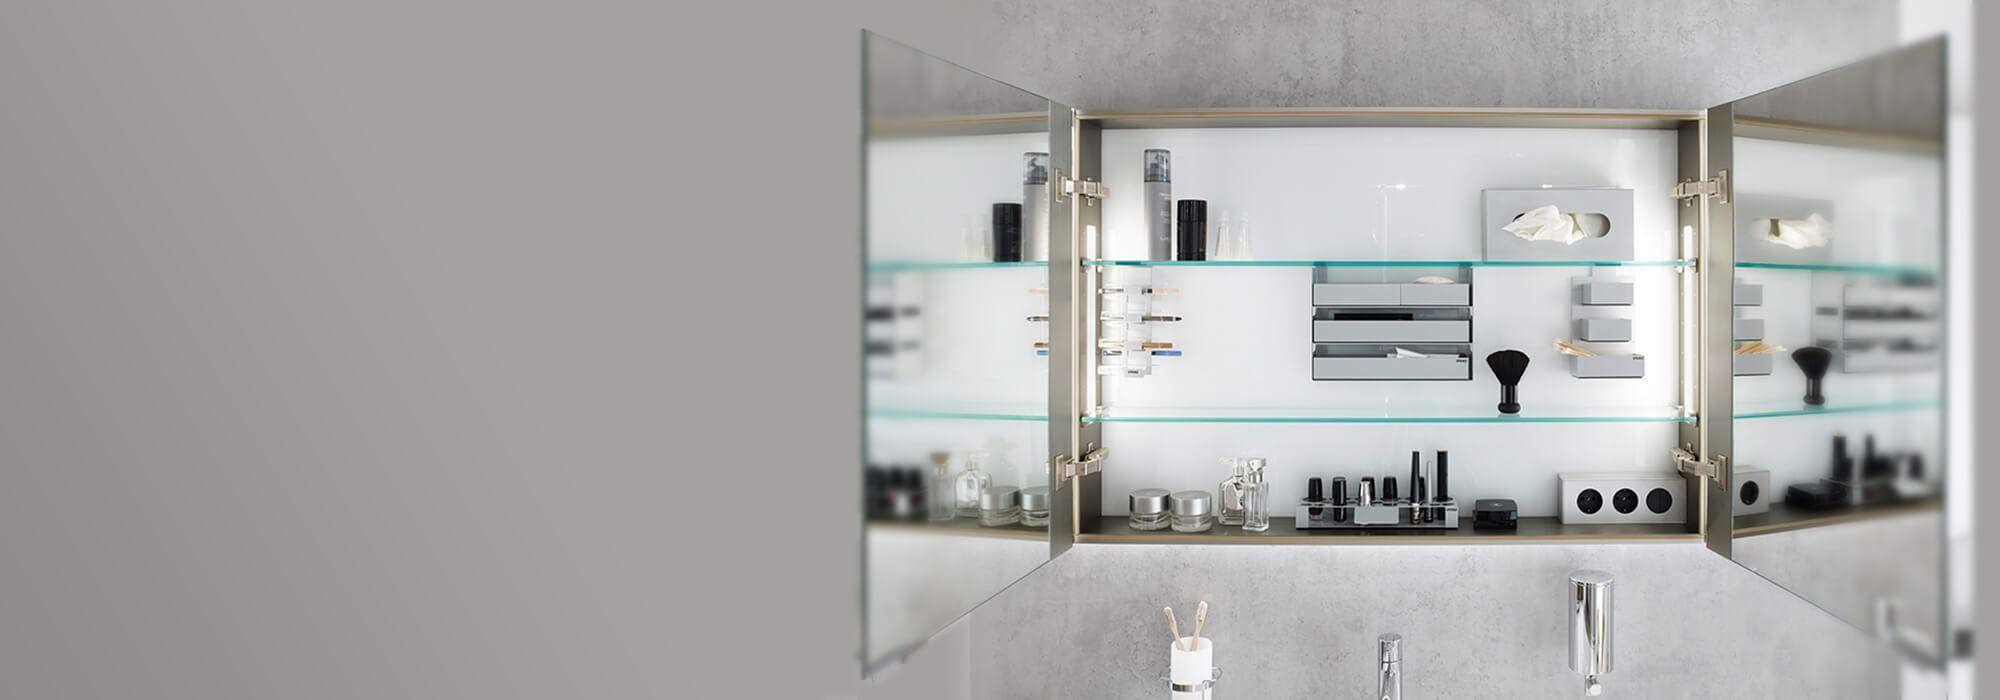 Ordnung In Bestform Spiegelschrank Bad Schrank